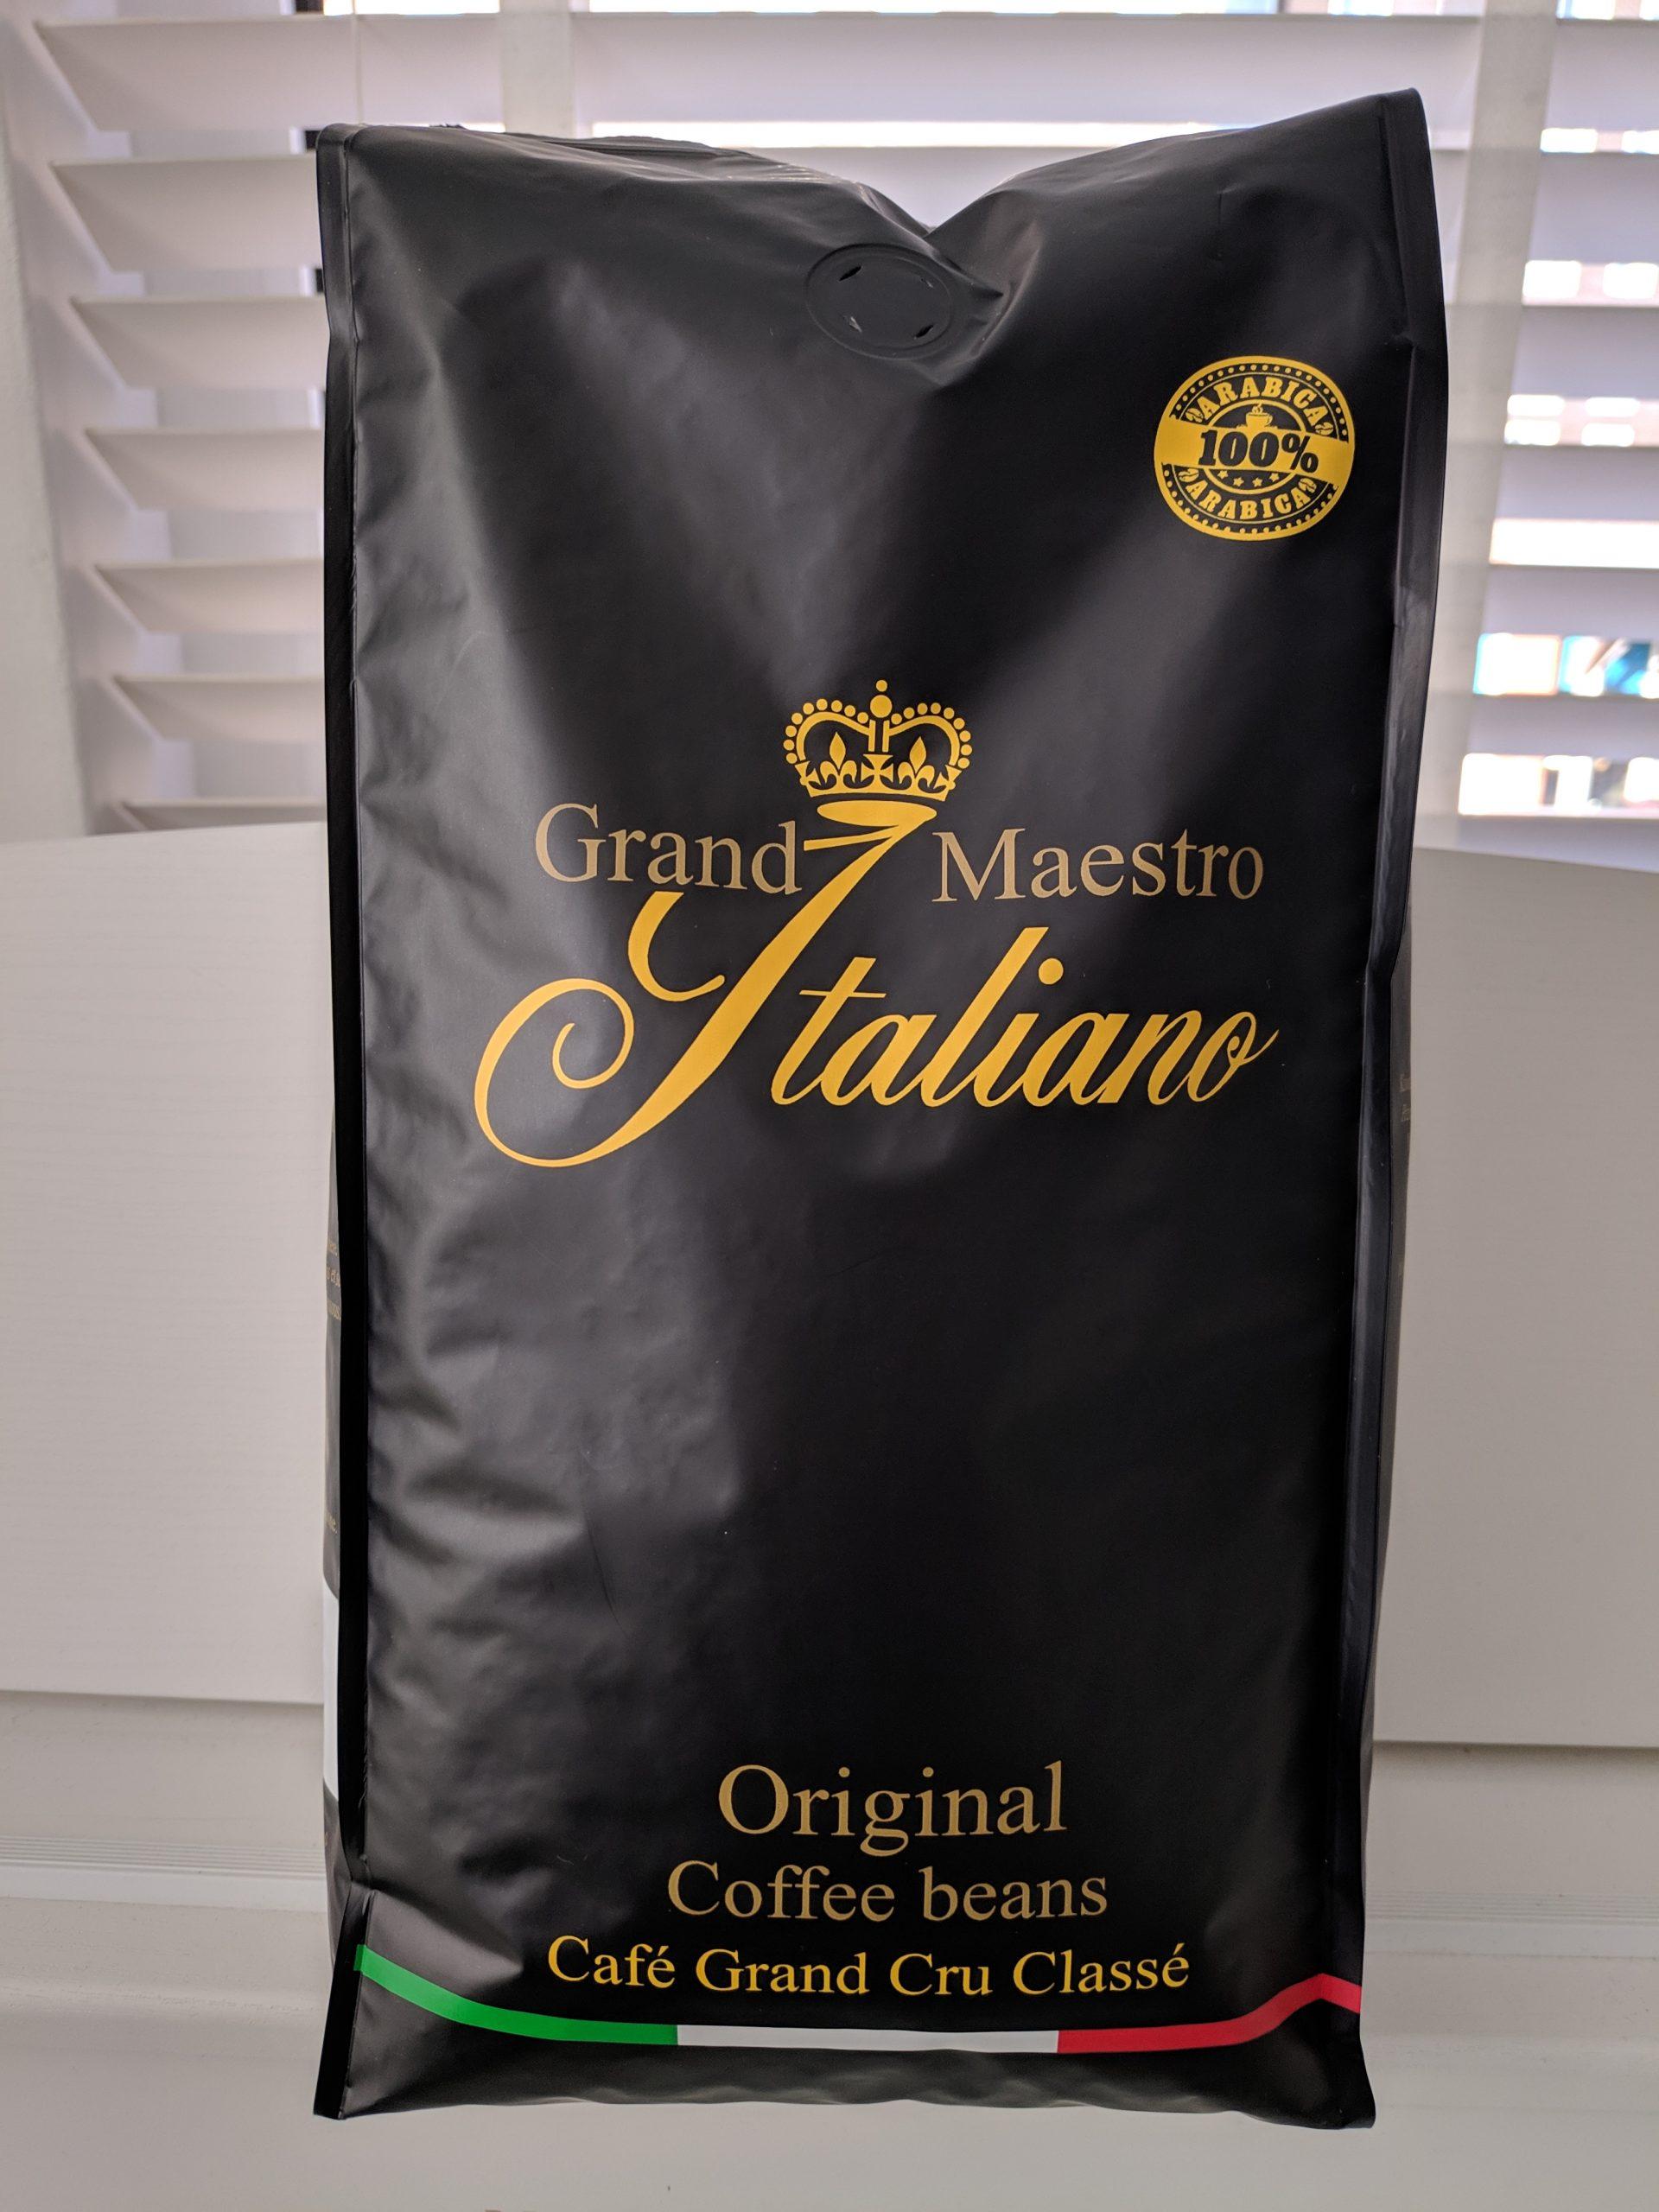 Grand Maestro Italiano - Original